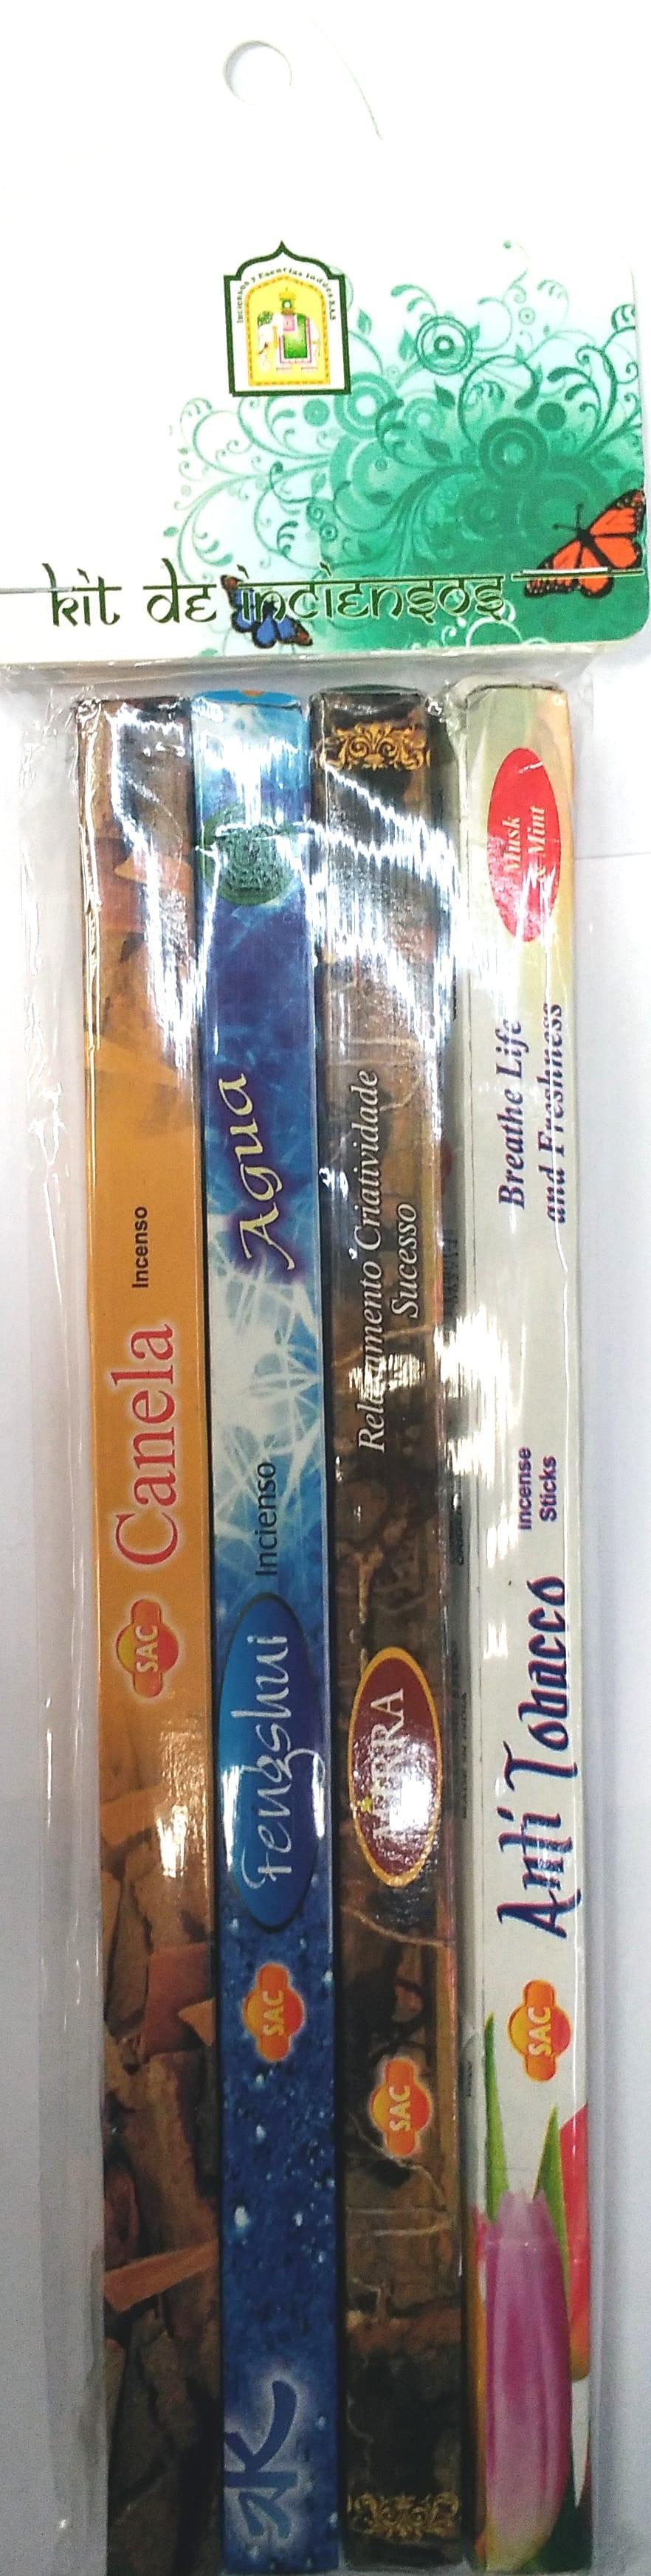 kit de Inciensos Surtido x 4 Paquetes